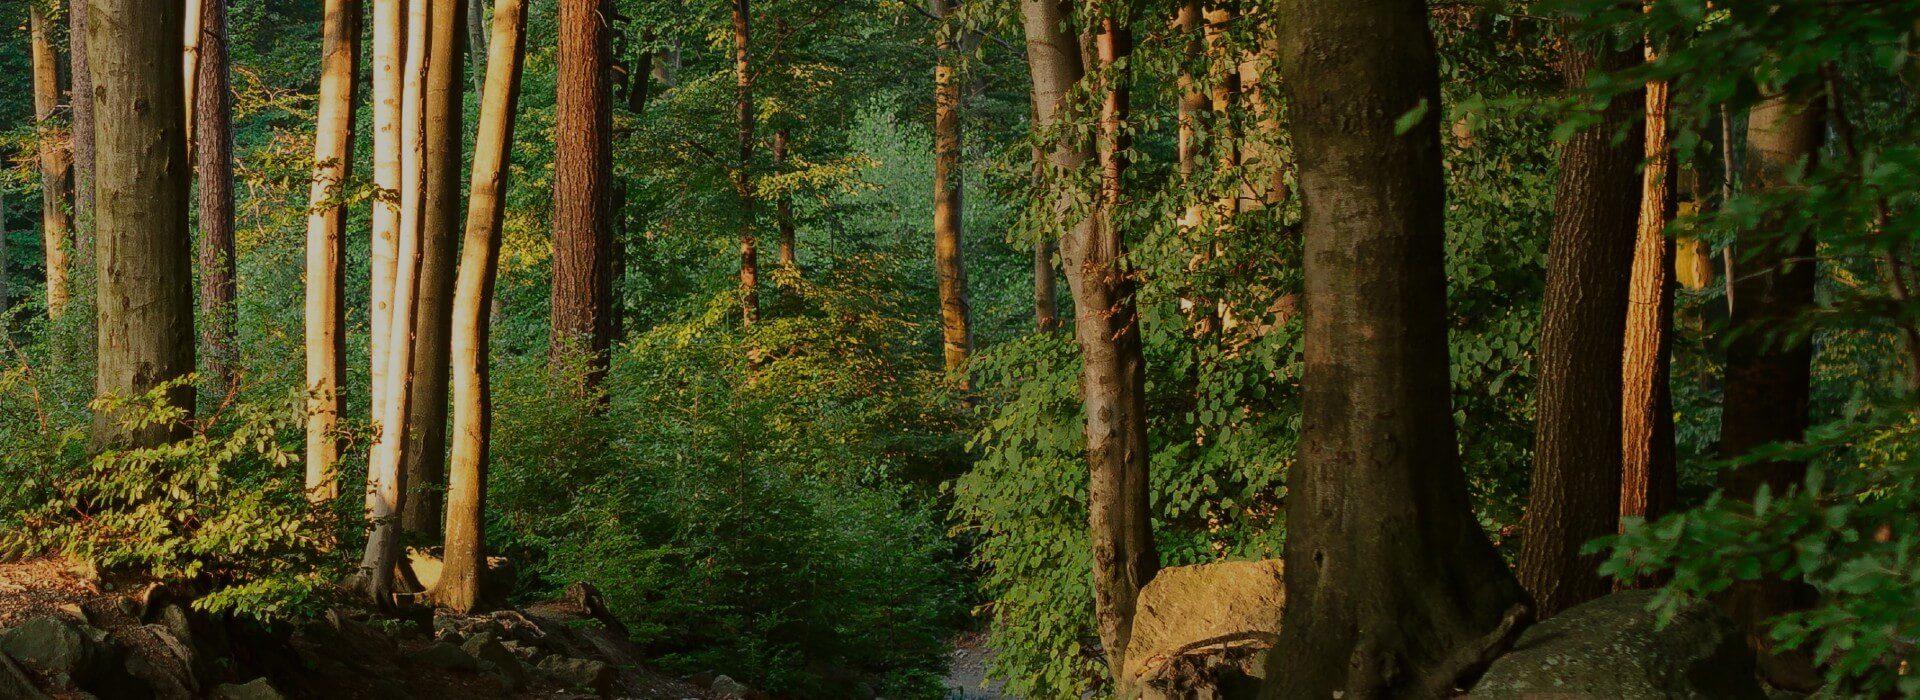 Zespół Szkół Leśnych w Biłgoraju